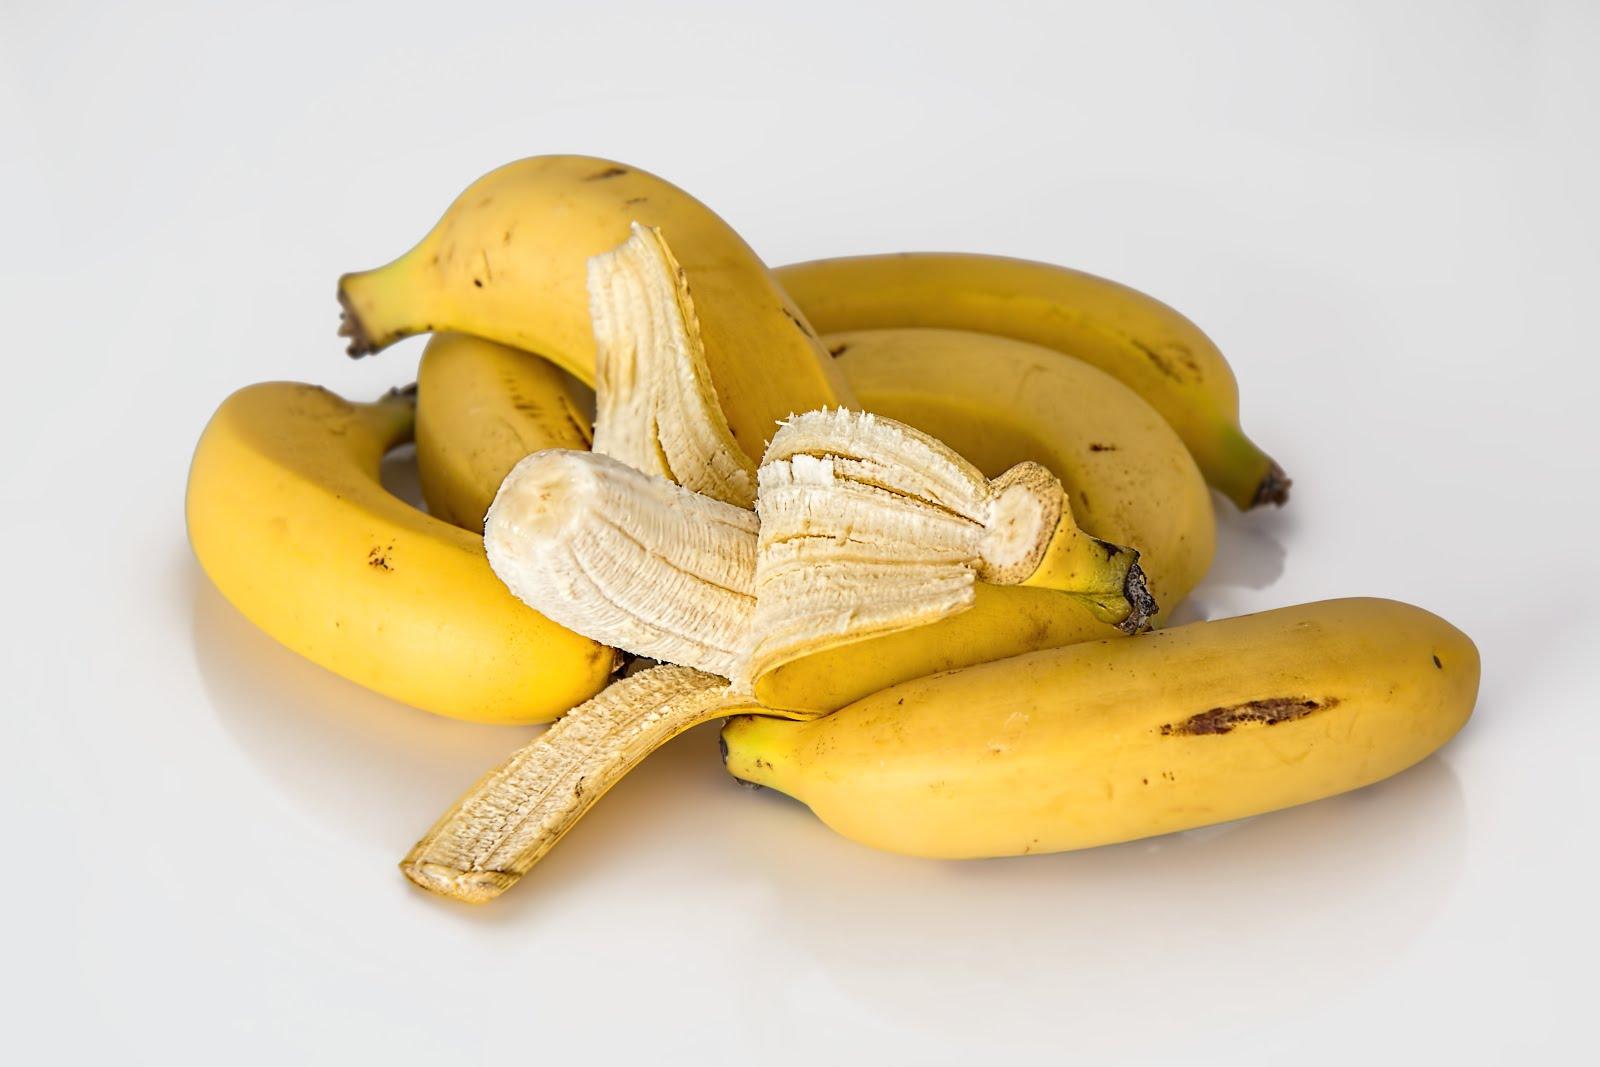 Best healthy breakfast ideas | Why is breakfast important?